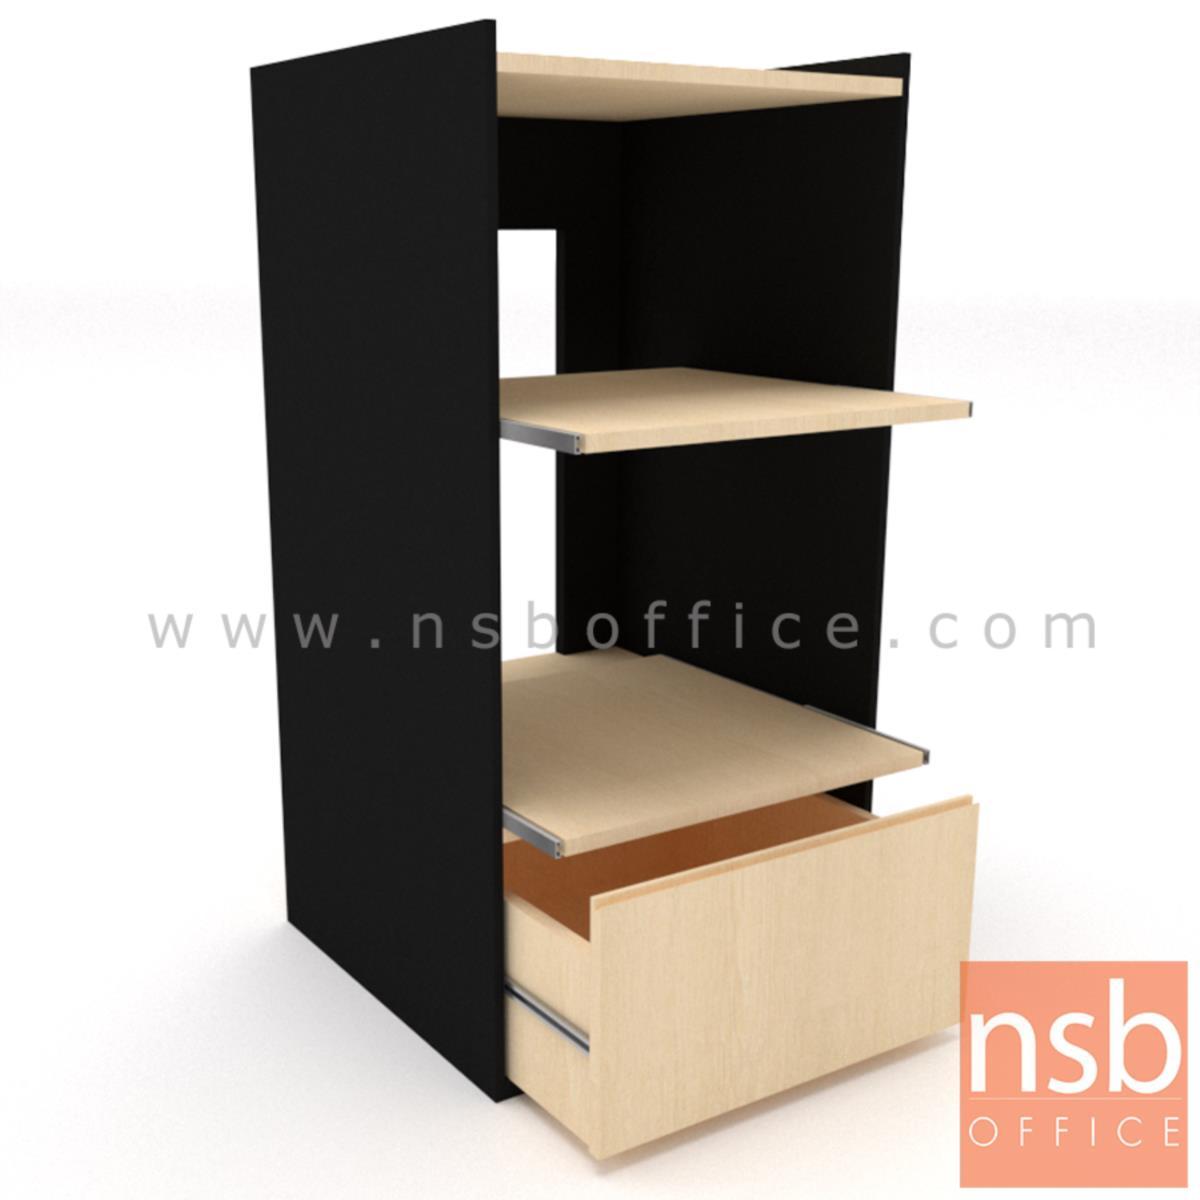 ตู้วางปริ้นเตอร์ ระบบถาดเลื่อน รุ่น Print tower - B  หน้าบานเพ่ (วางได้ 3 เครื่อง)